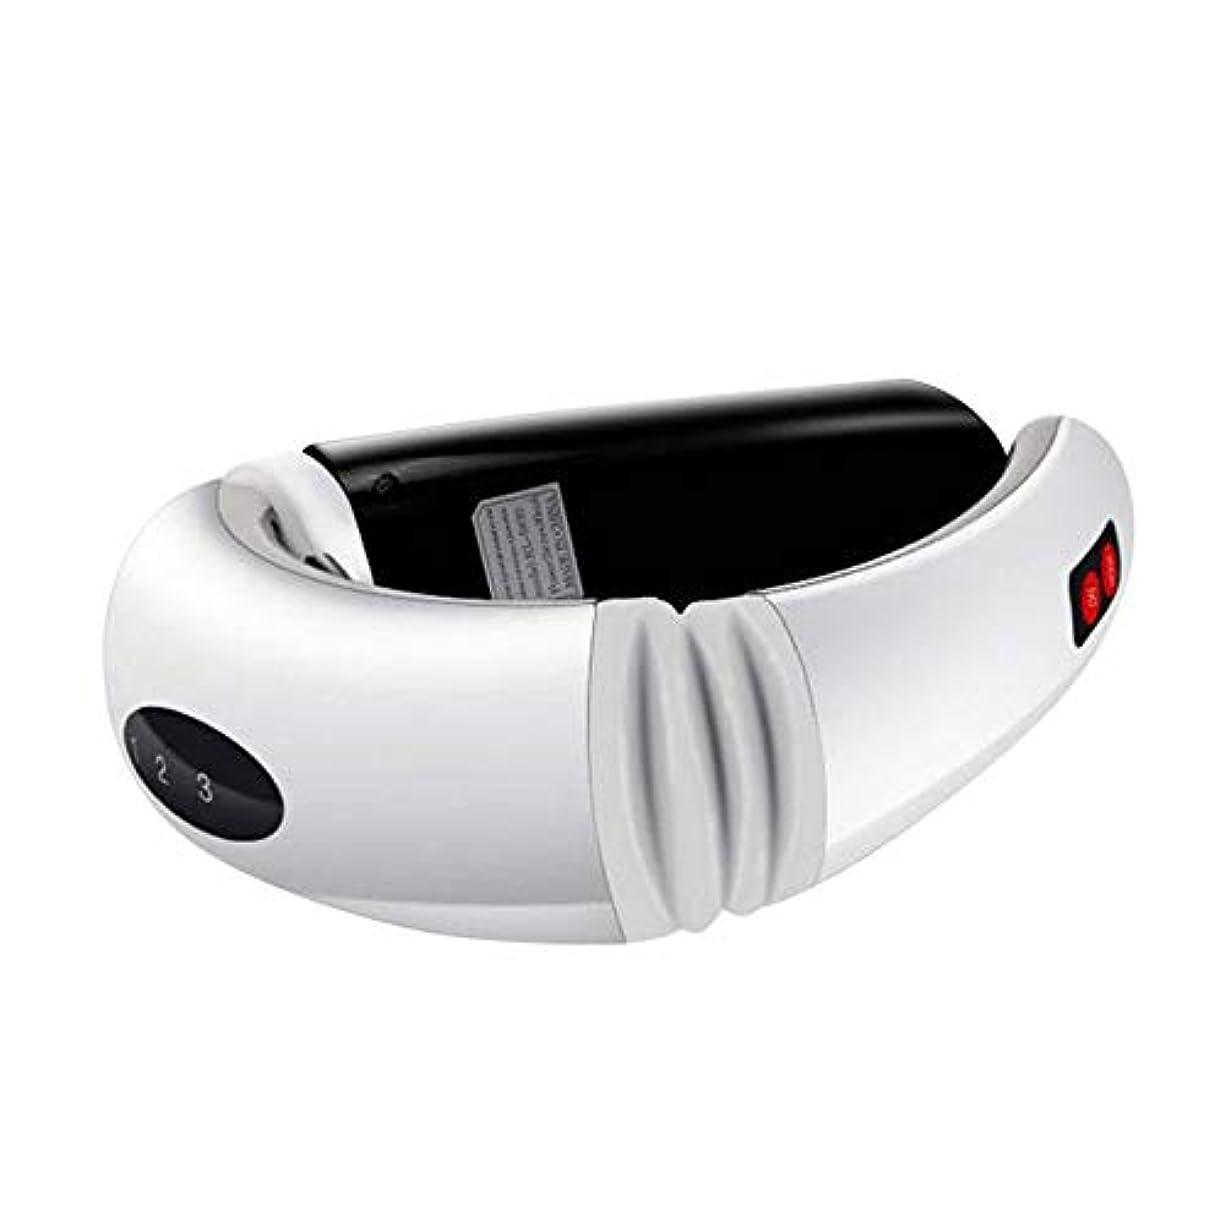 強化ほんのほんの首のマッサージャー電気USB再充電可能な子宮頸マッサージャーは、痛みの痛みの筋肉を取り除く車のオフィスとホームホワイト